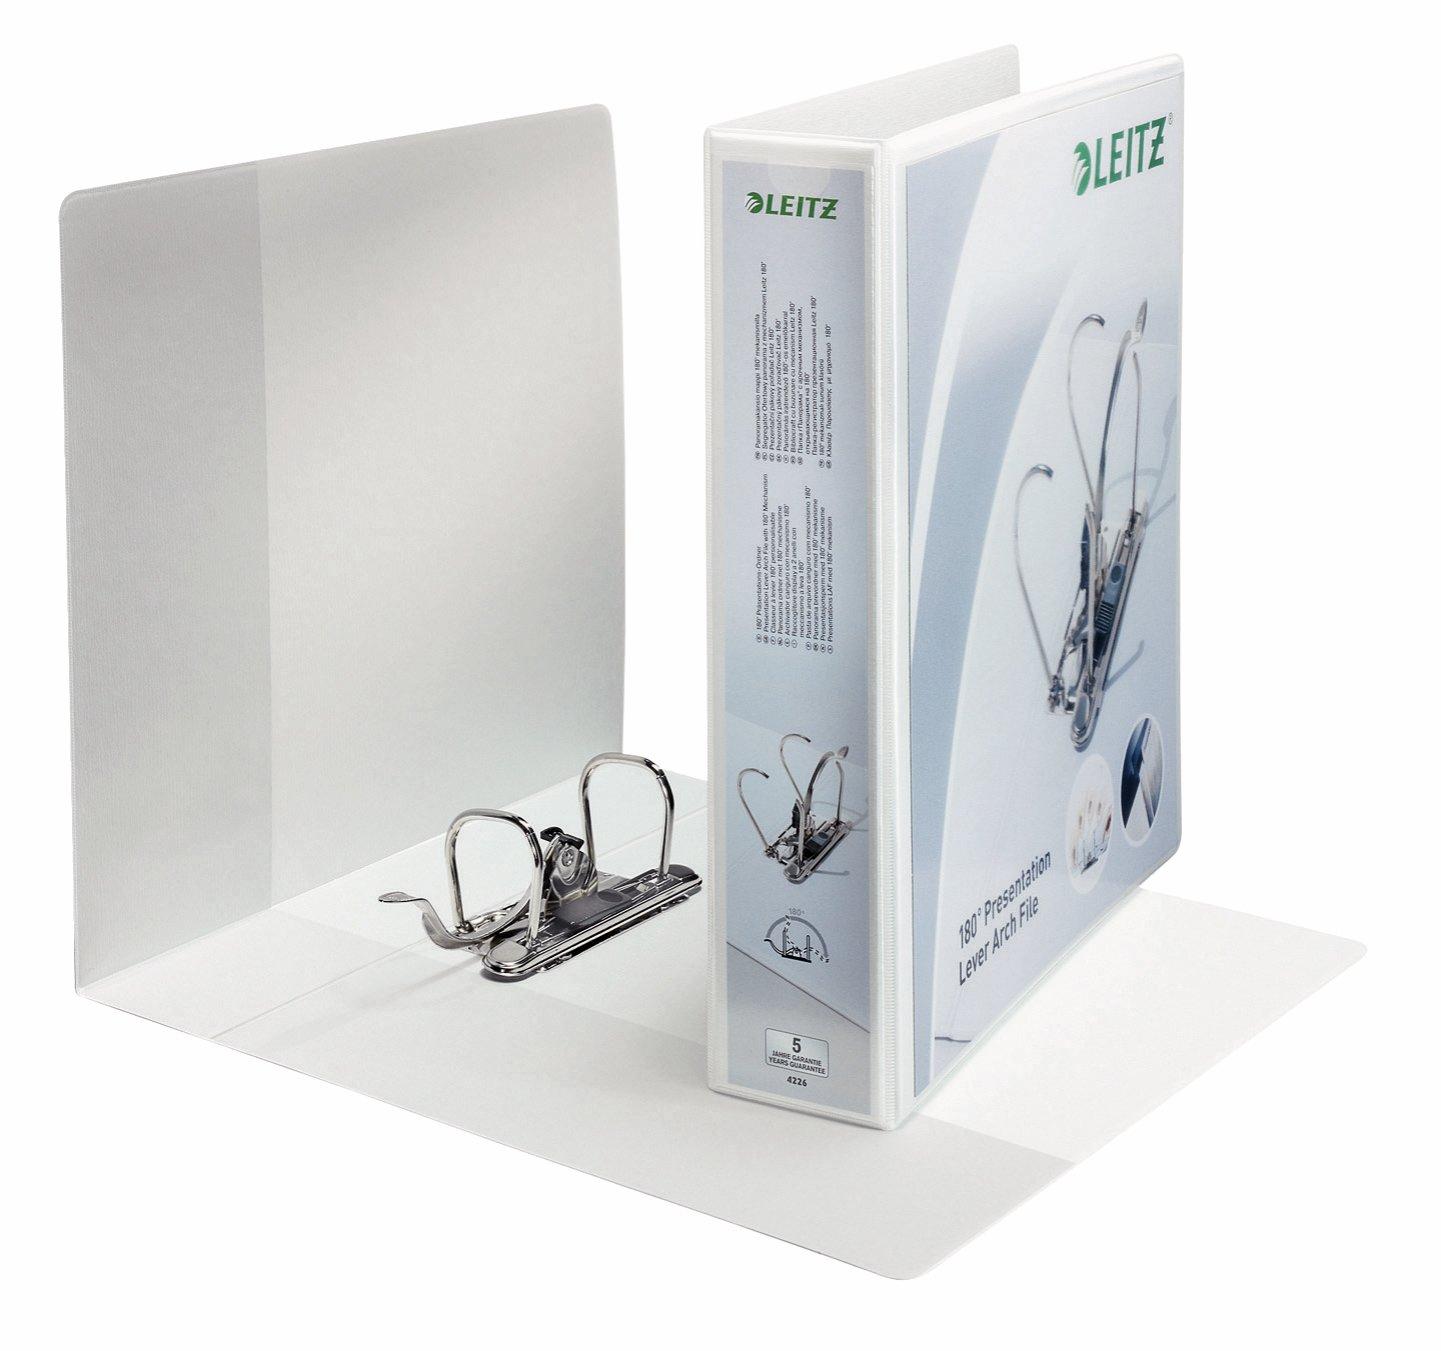 Leitz Raccoglitore personalizzabile con meccanismo a leva 180°, Per presentazioni, Formato A4 Maxi, Cartone rivestito in polipropilene, Dorso 7.5 cm, Bianco, 42250001